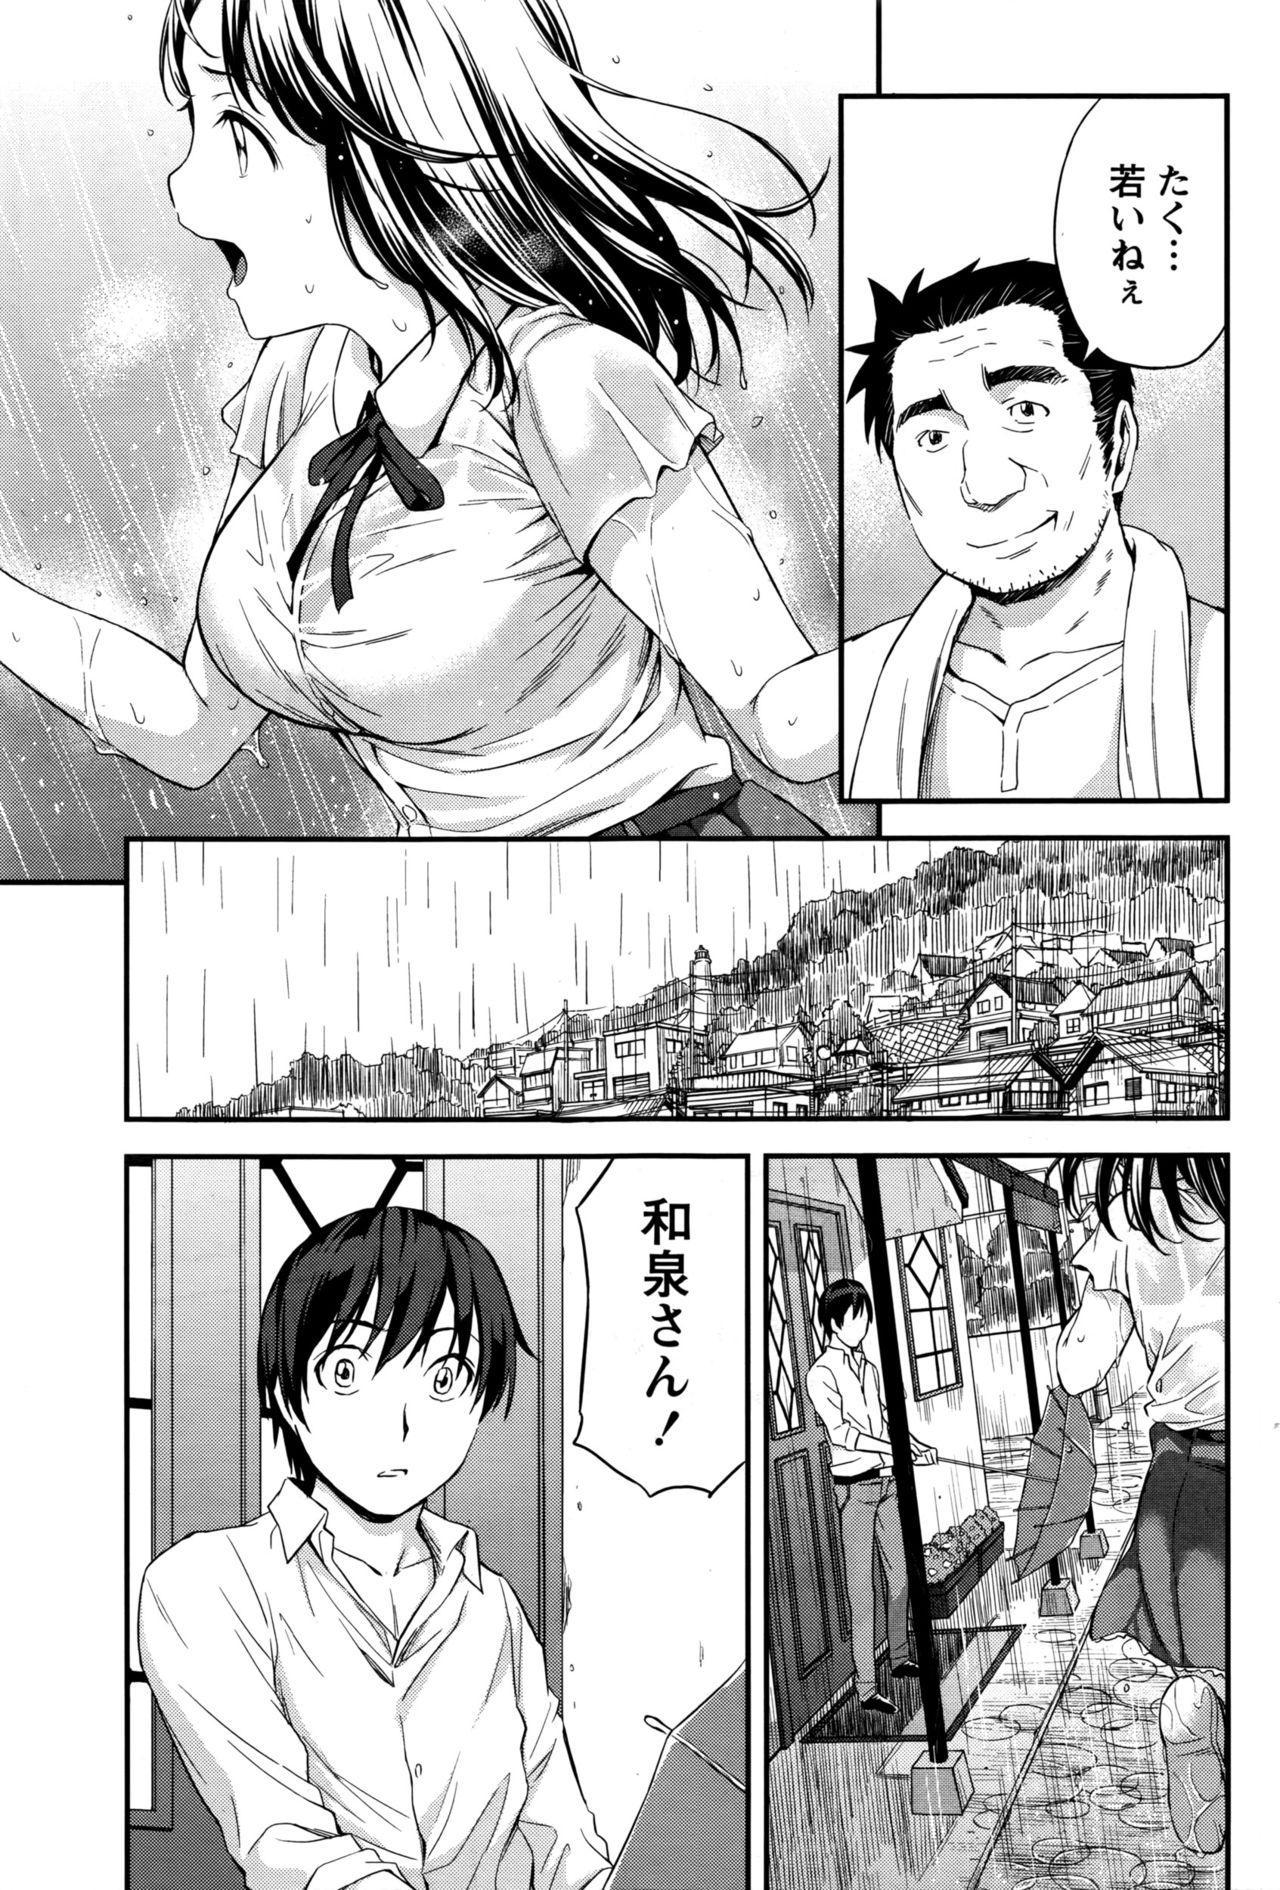 [Higashino Mikan] Atsumujima no Megumi-sama - Goddess of Atsumu-Island 113